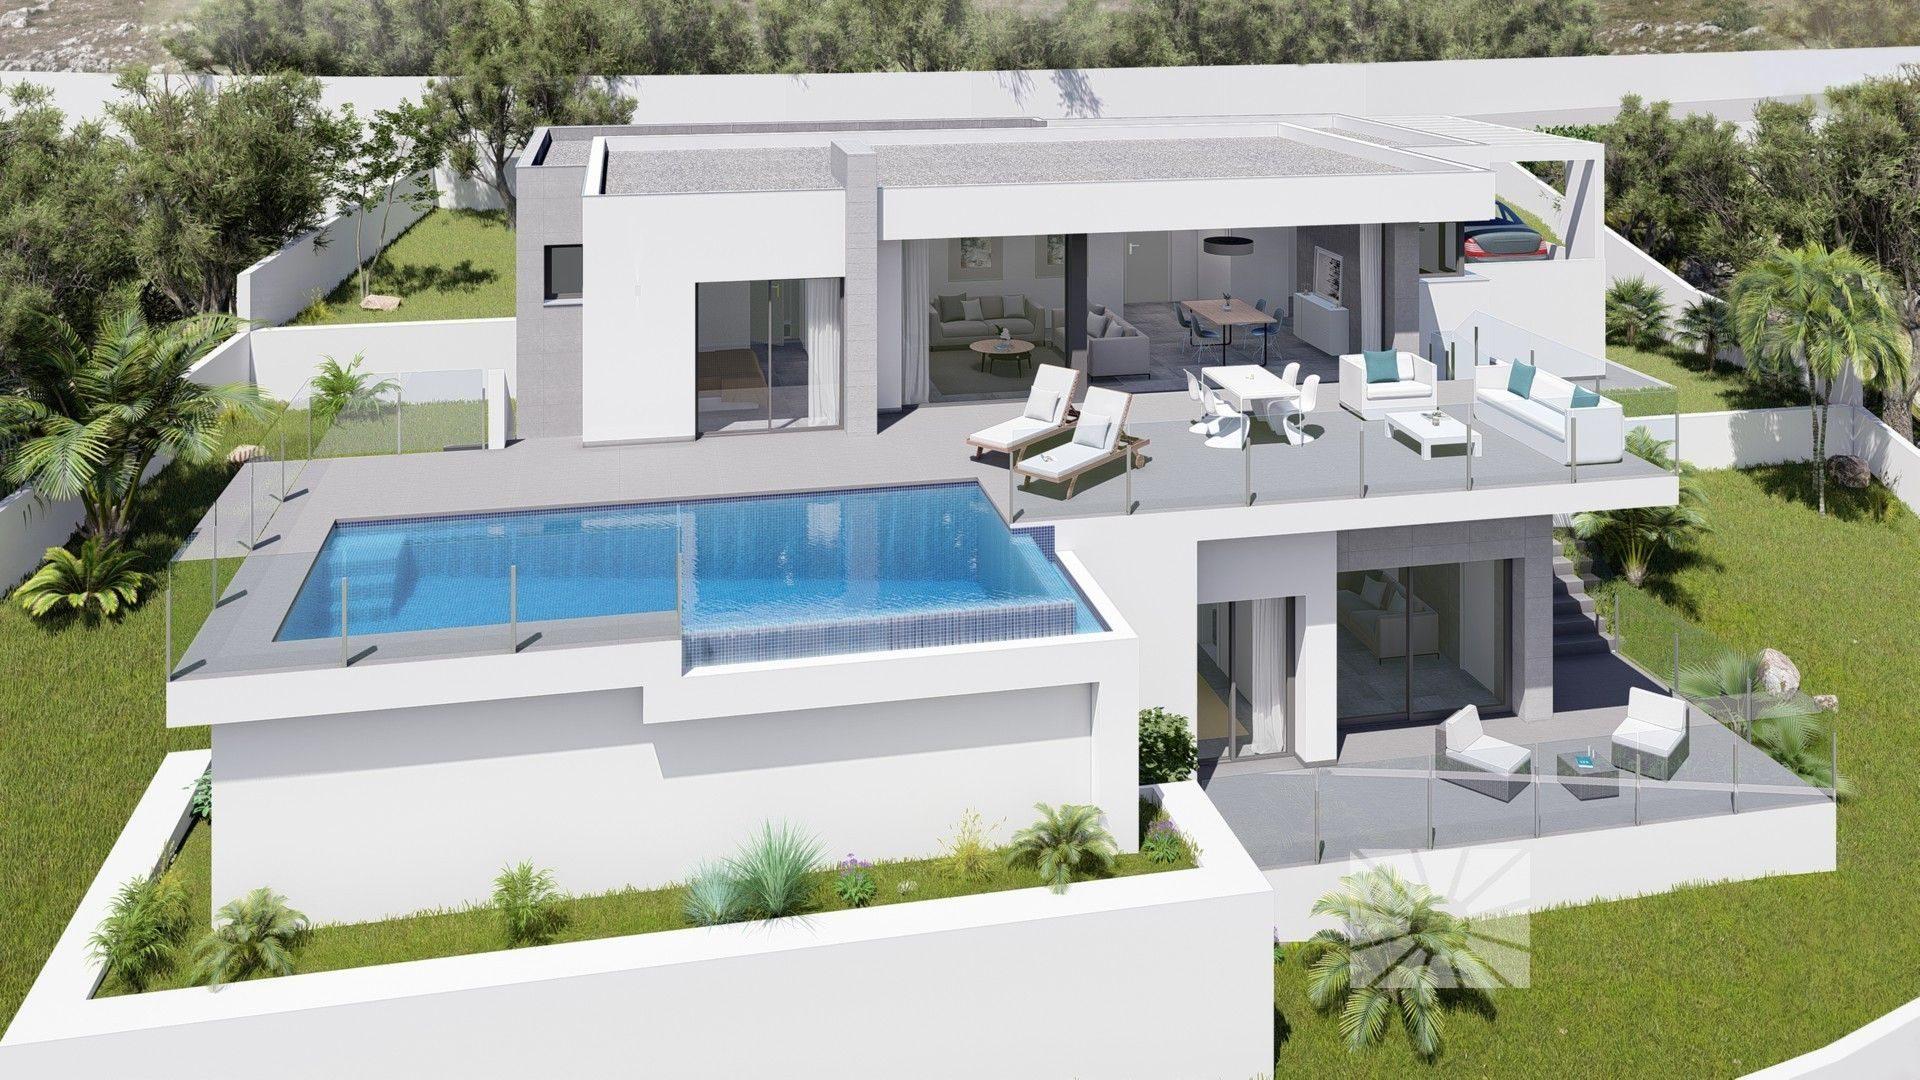 4 pièces Maison   124 m²